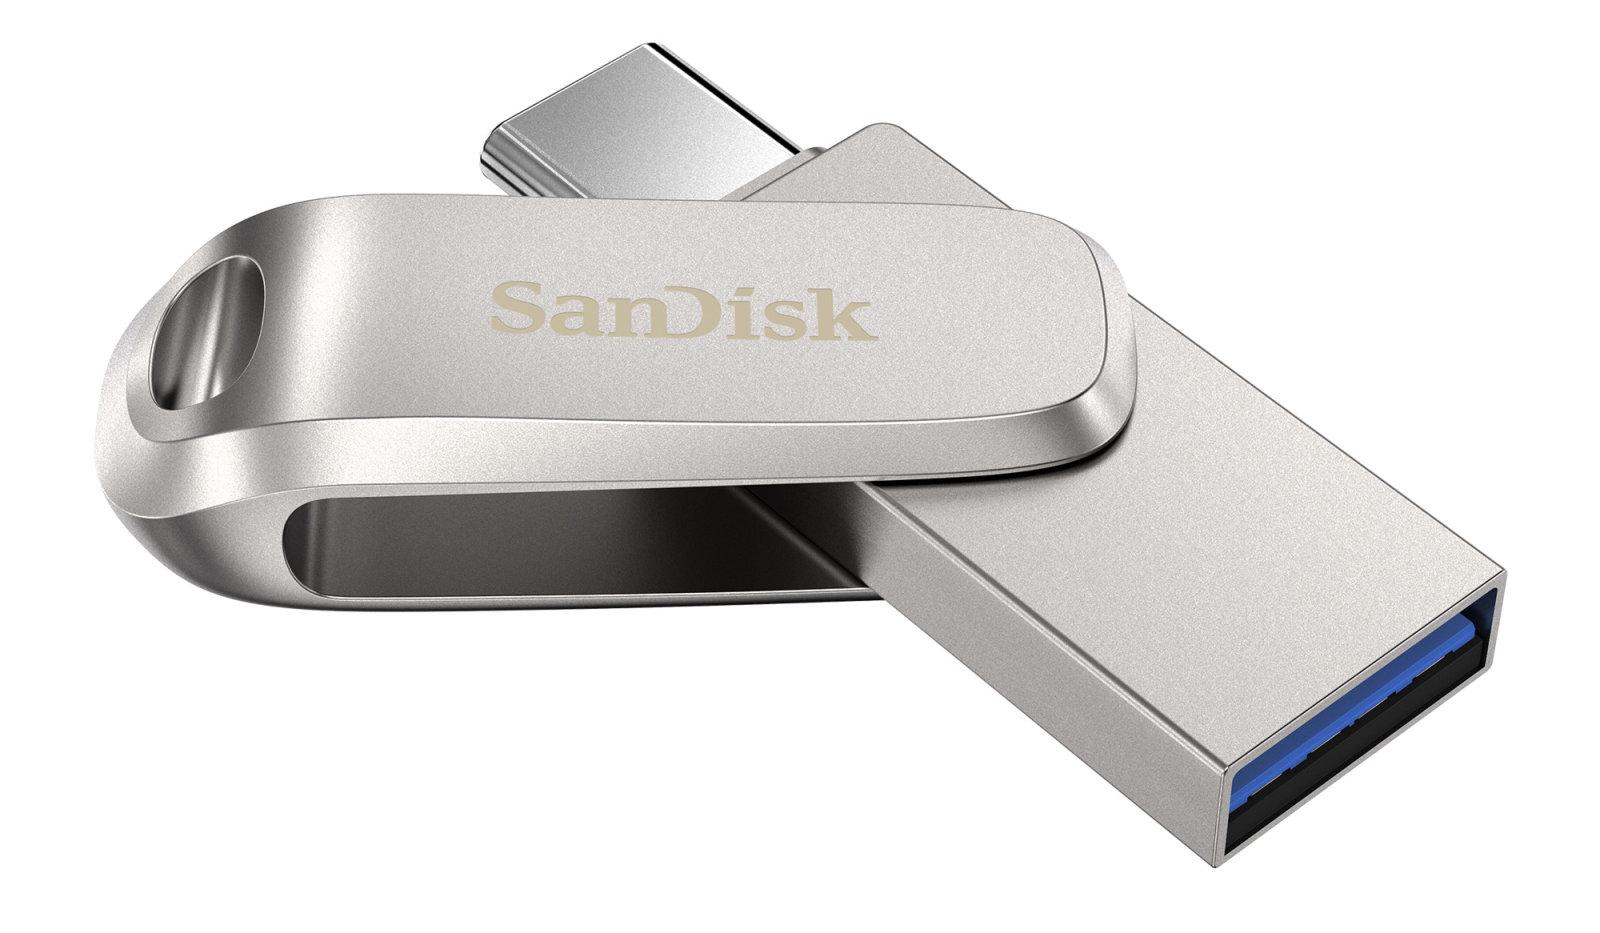 سن دیسک از یک هارد اساسدی 8 ترابایت قابل حمل رونمایی کرد